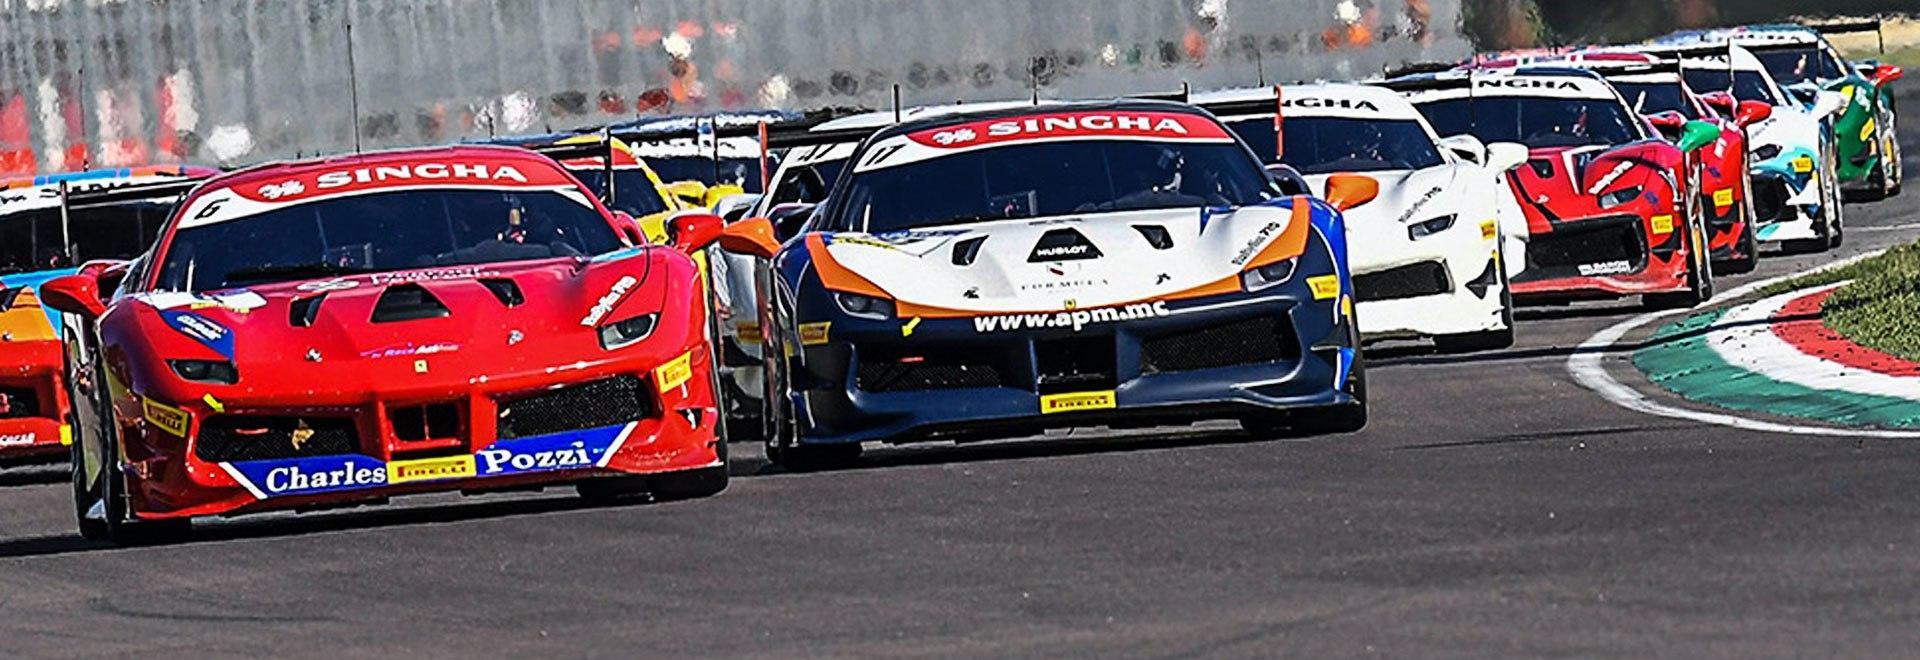 Trofeo Pirelli Mugello. Gara 2